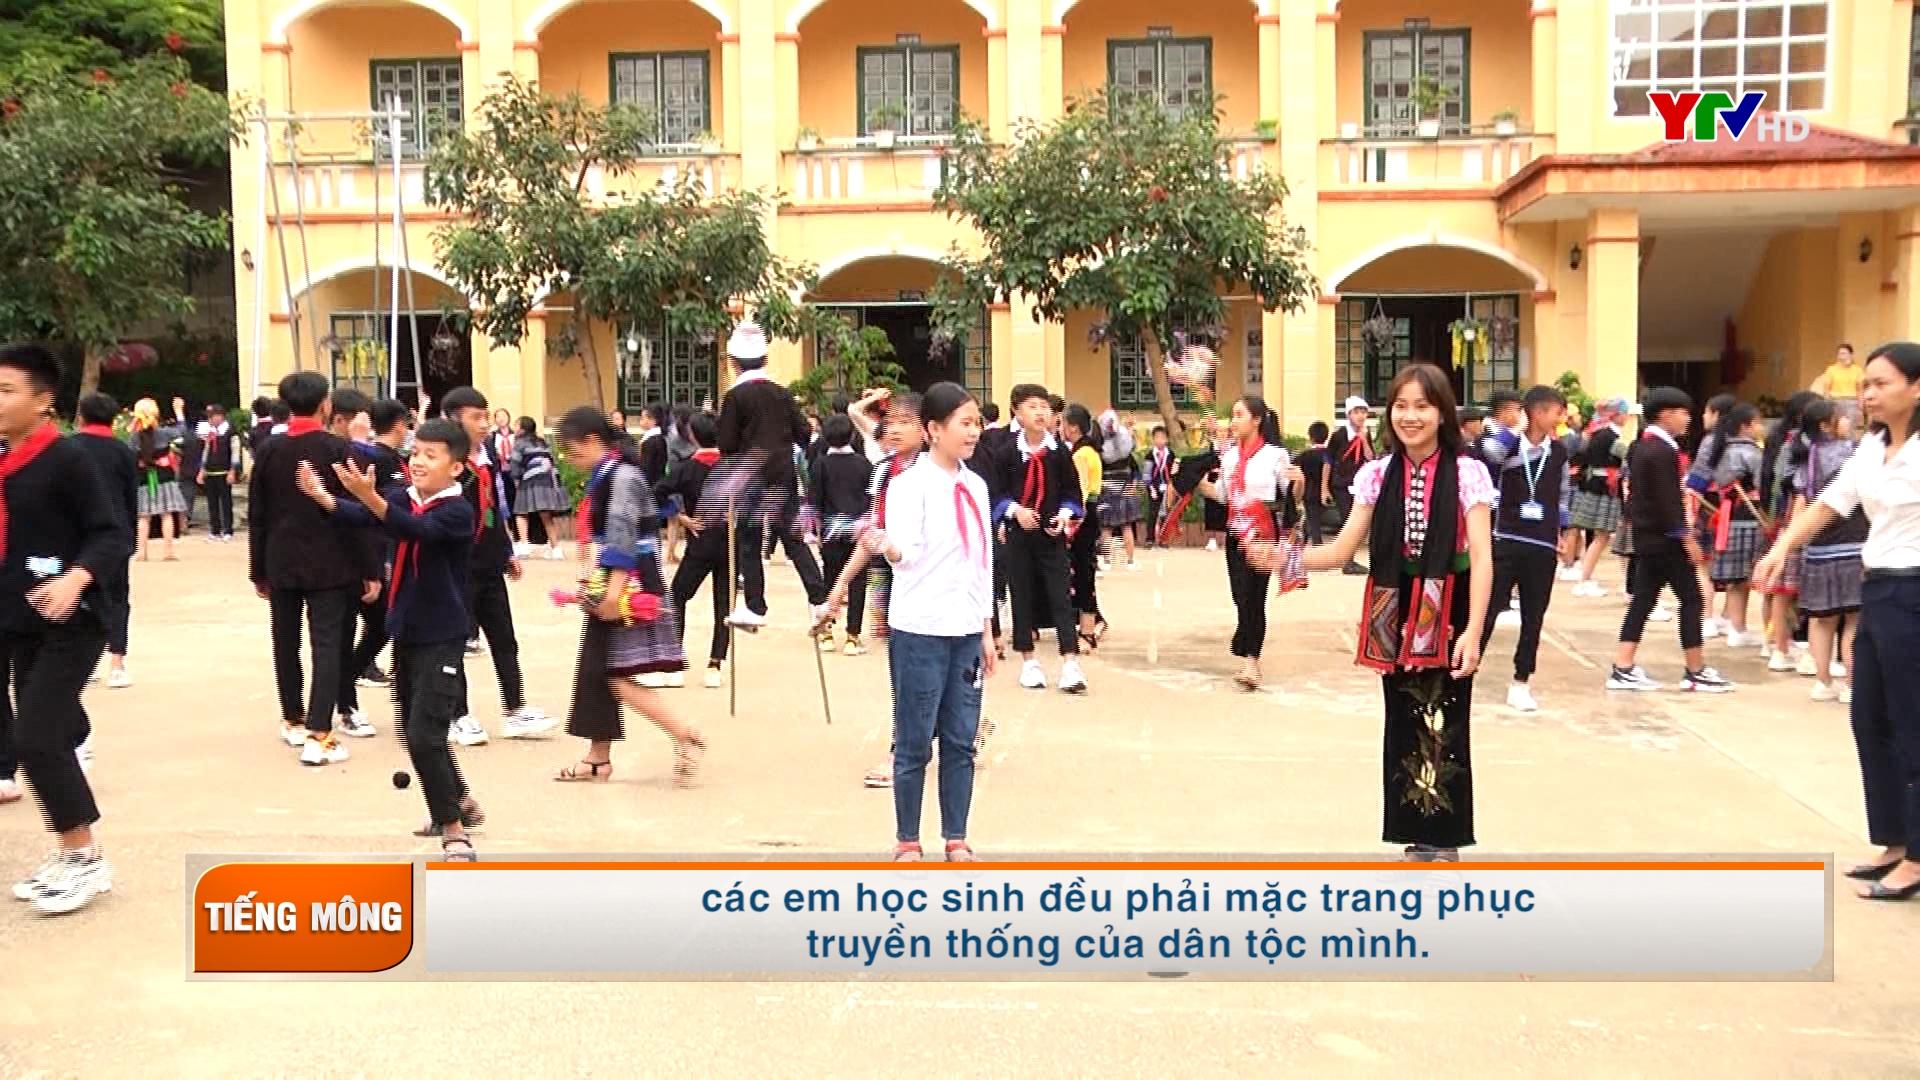 Tạp chí truyền hình tiếng Mông số 5 tháng 10 năm 2020